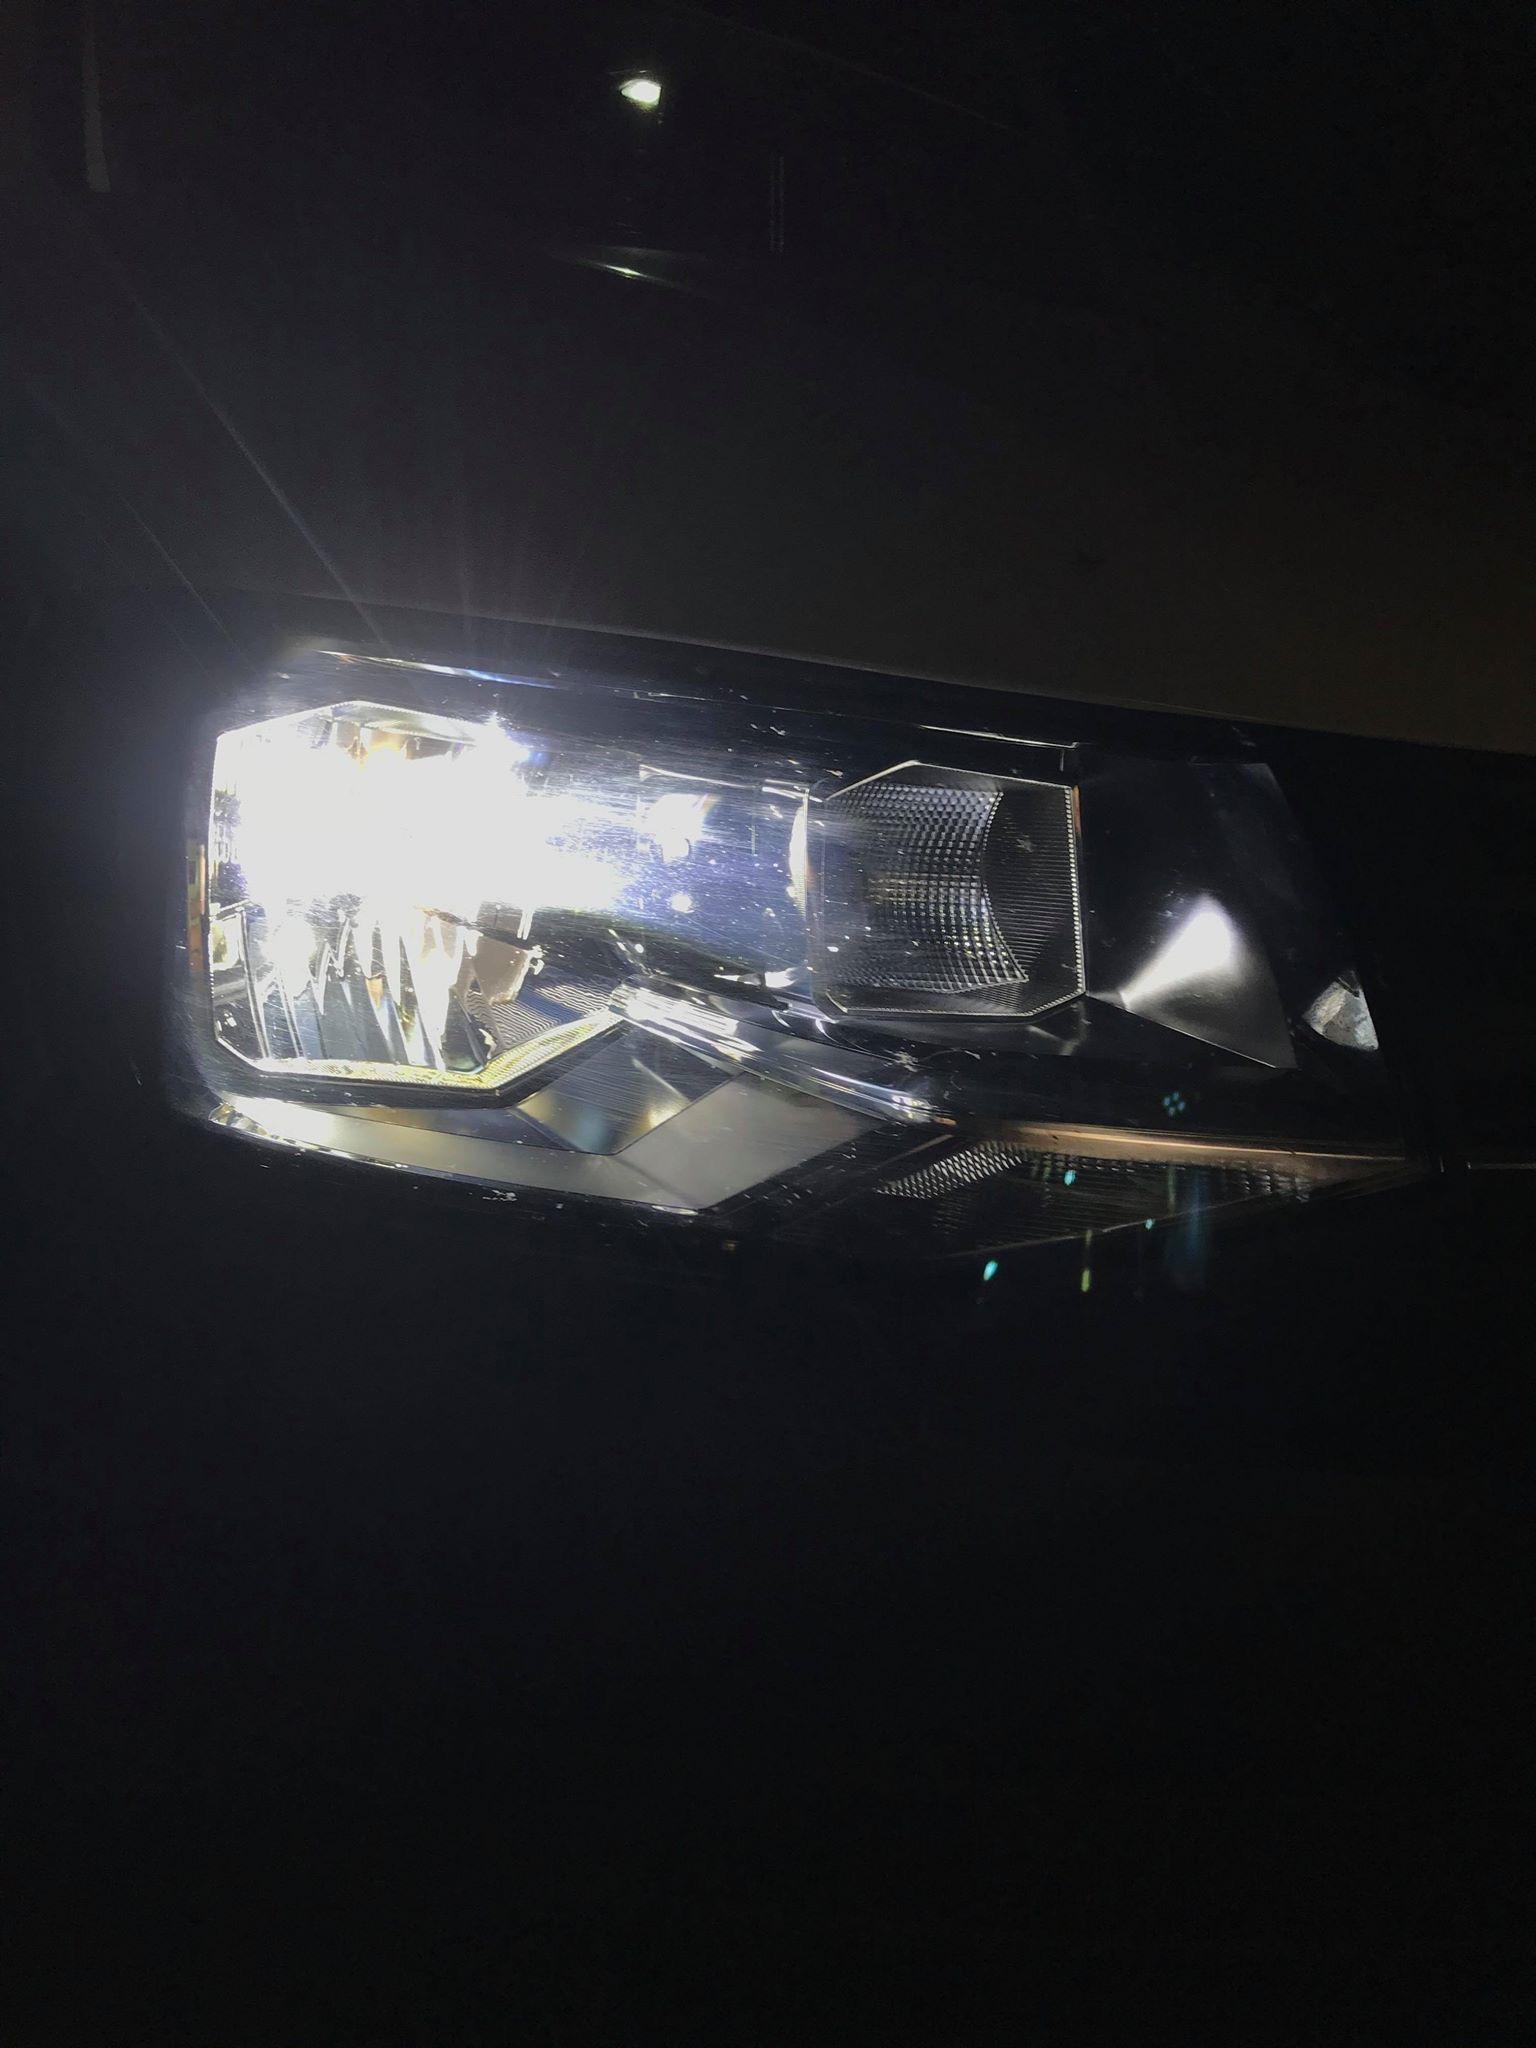 VÝMĚNA ZA LED ŽÁROVKY VW TRANSPORTER T6 H4 model A8